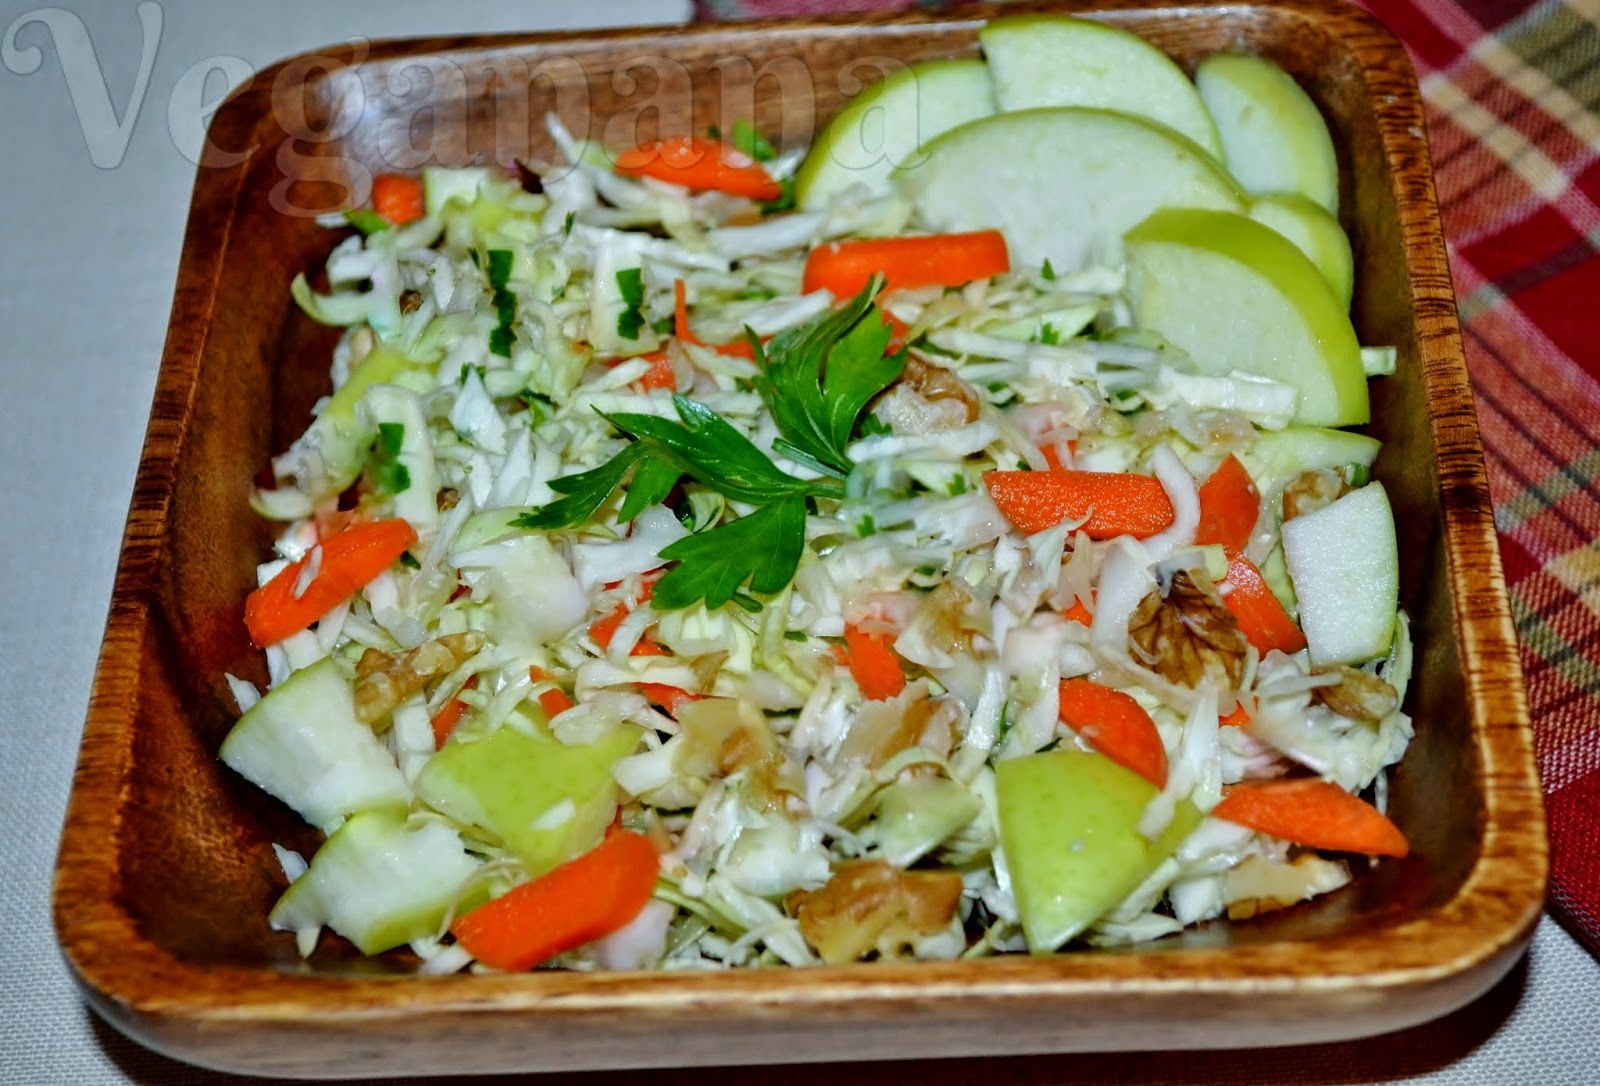 foto pratos com saladas cruas